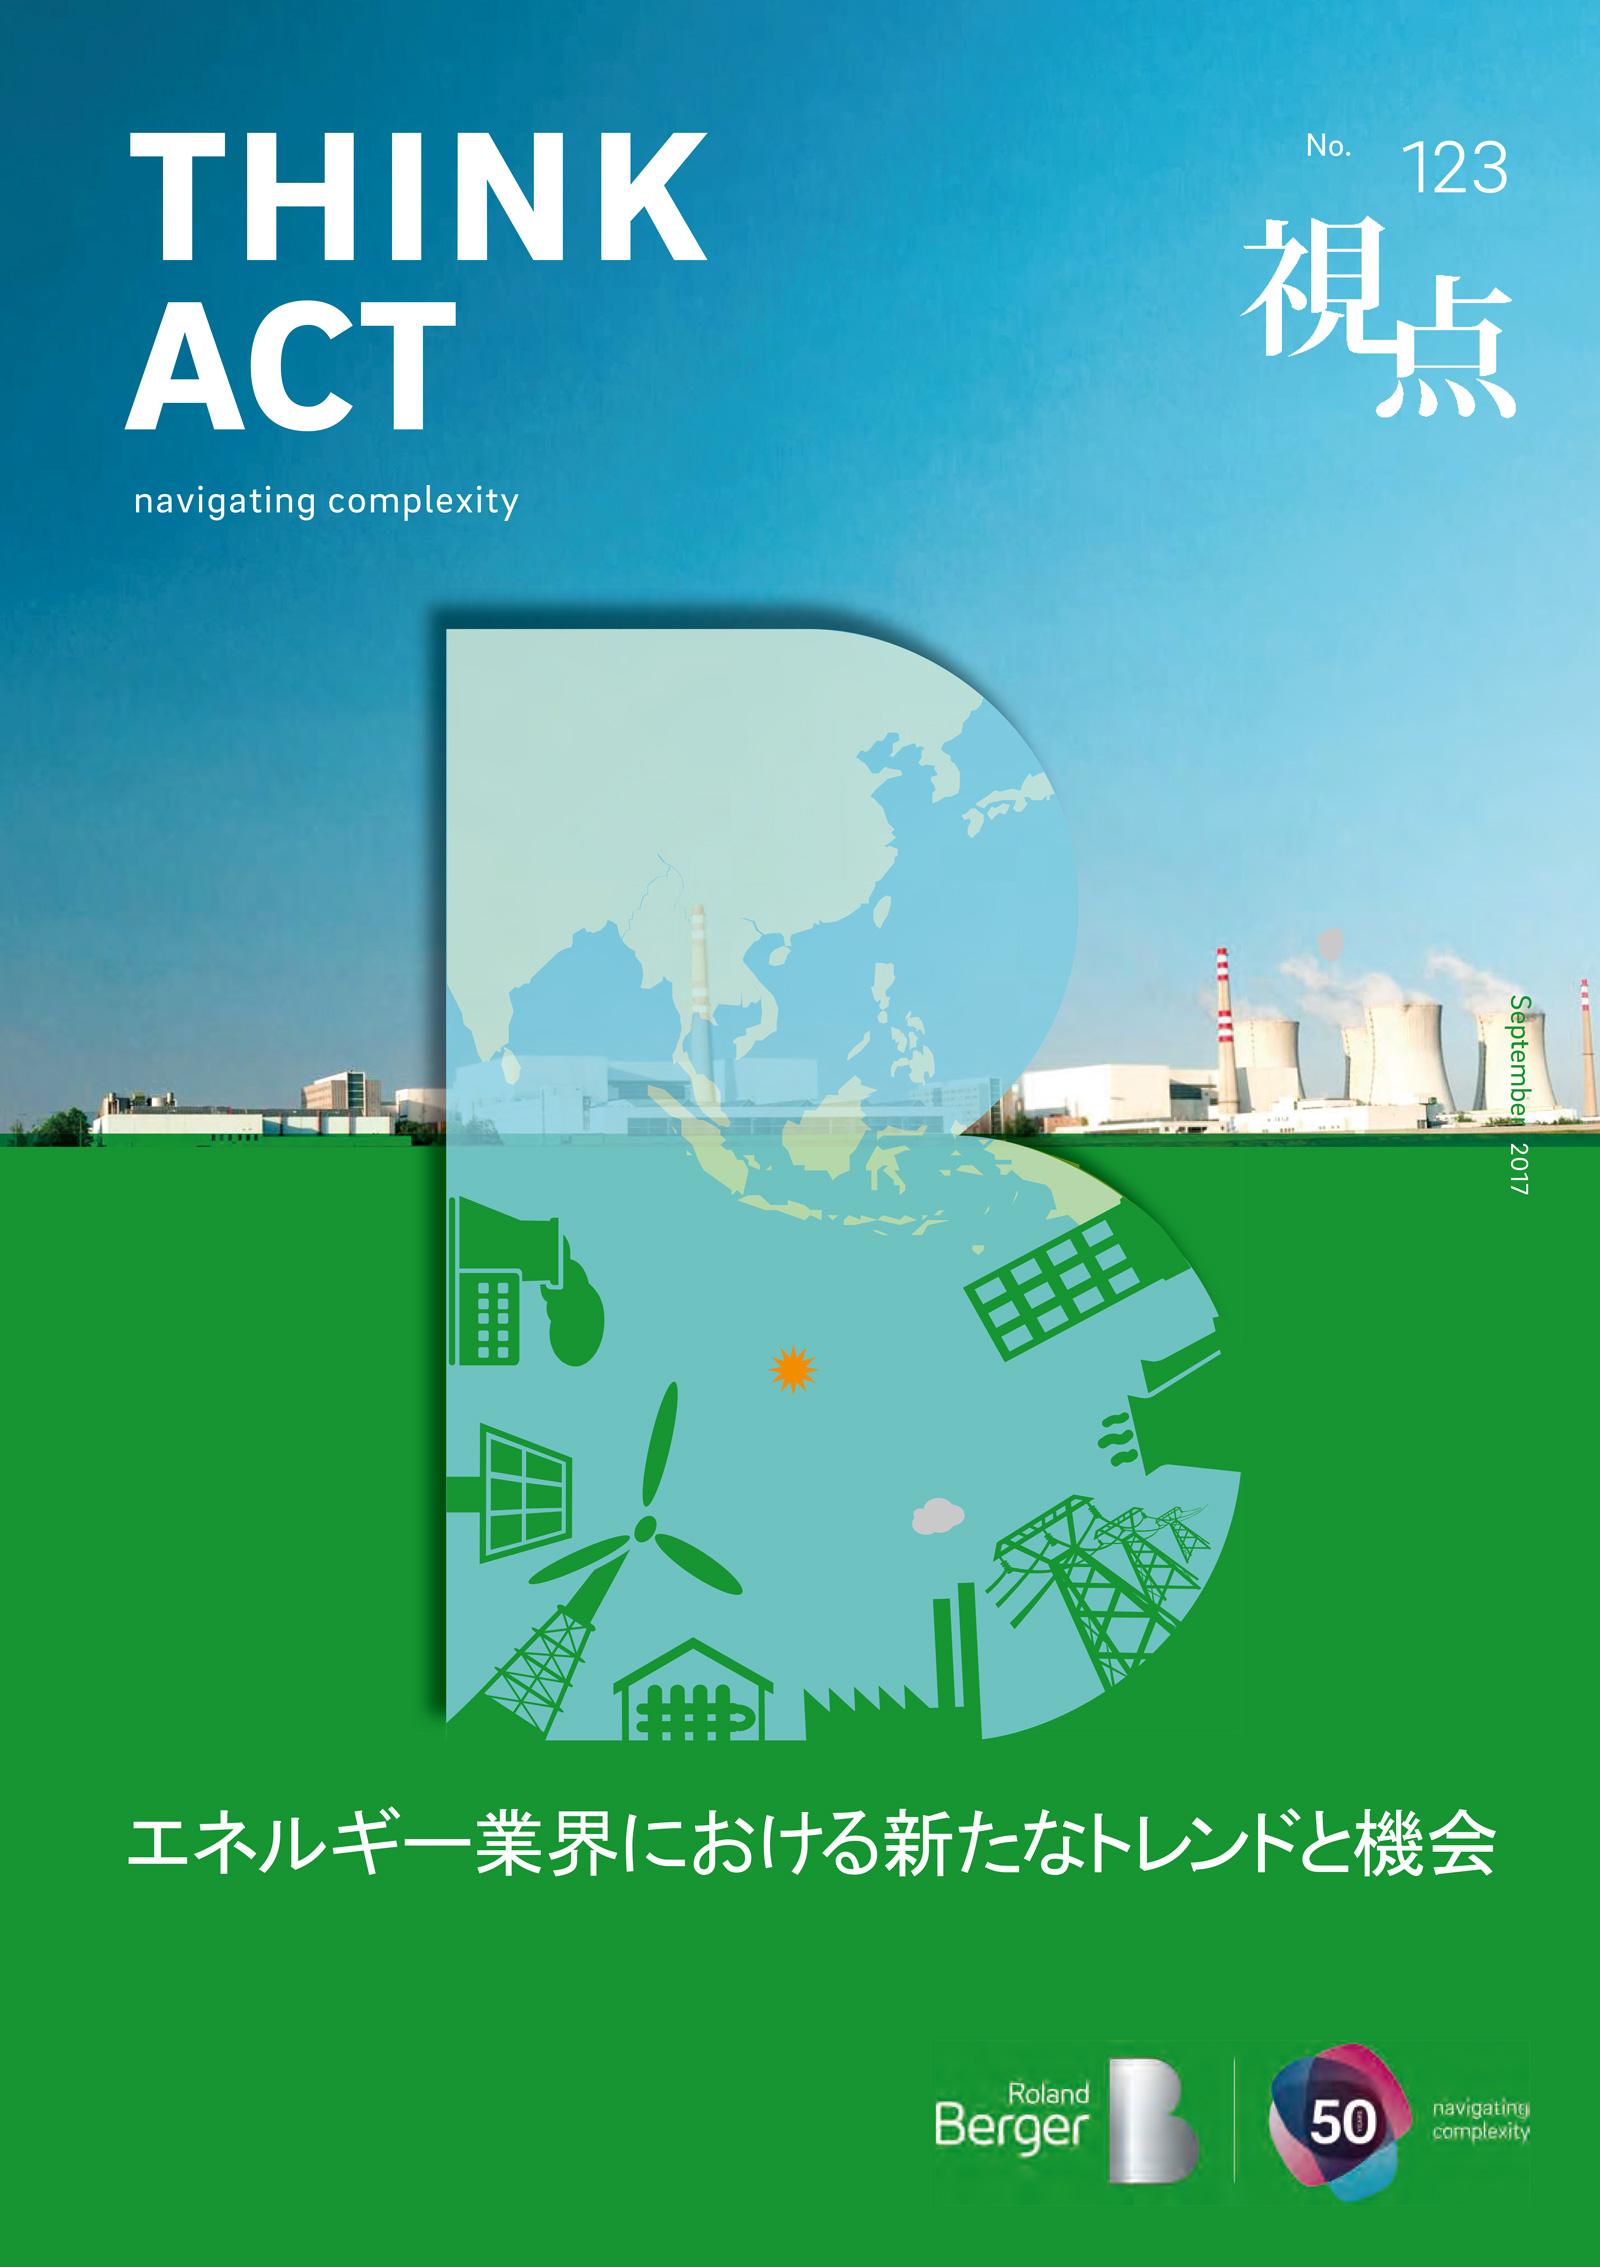 【視点123号】エネルギー業界における新たなトレンドと機会